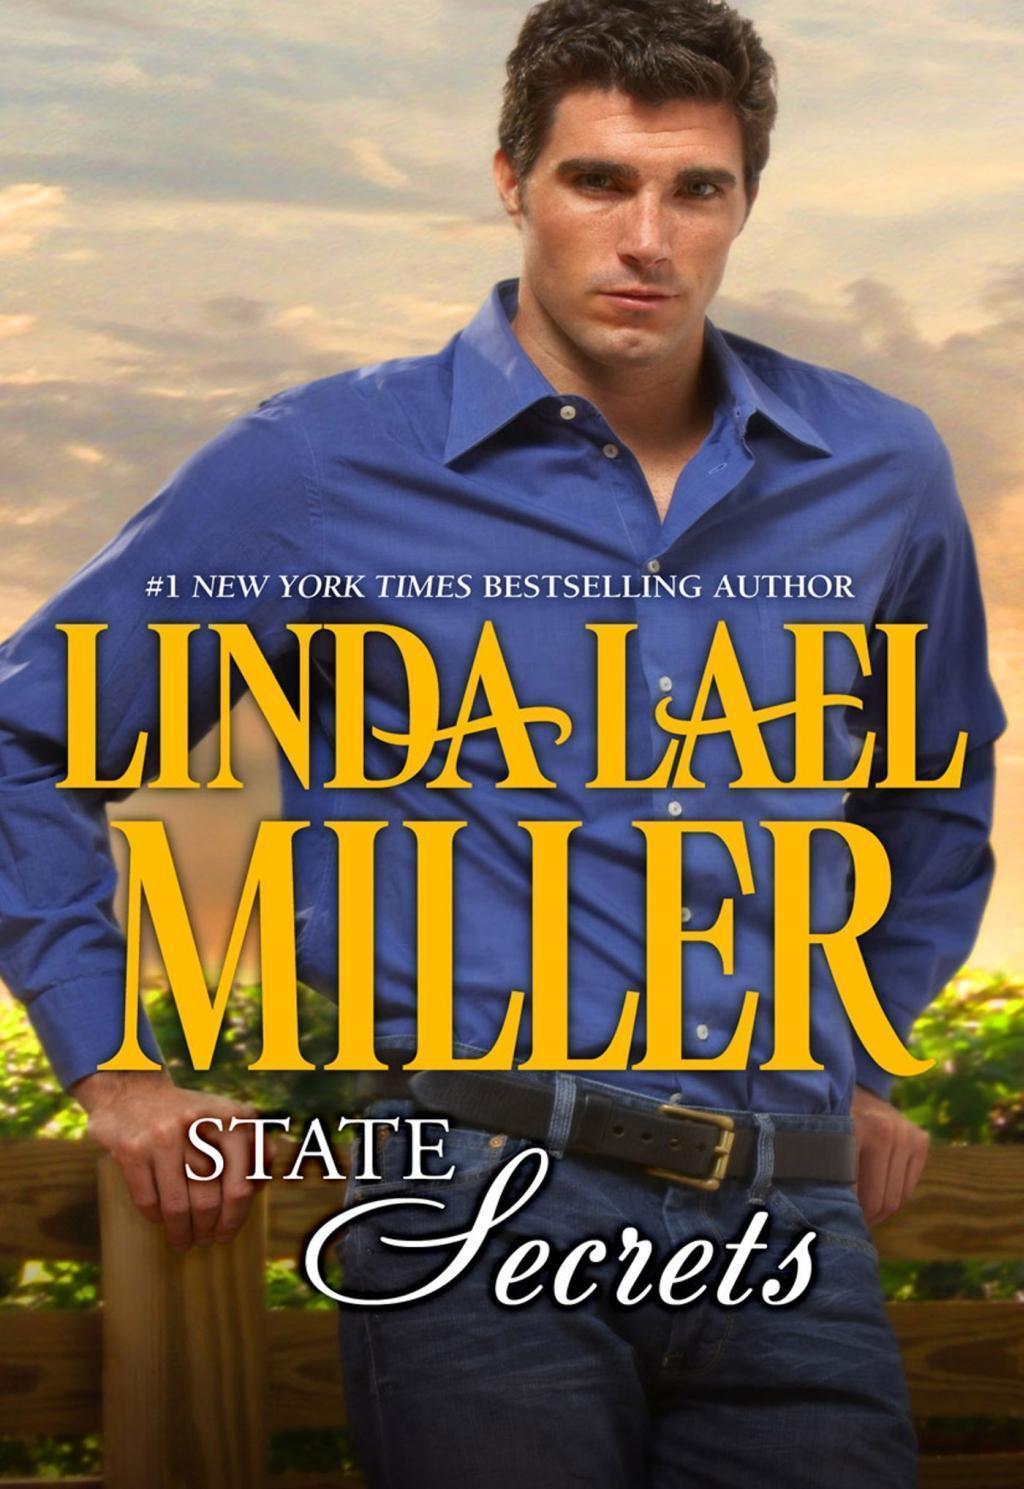 State Secrets (Mills & Boon M&B)